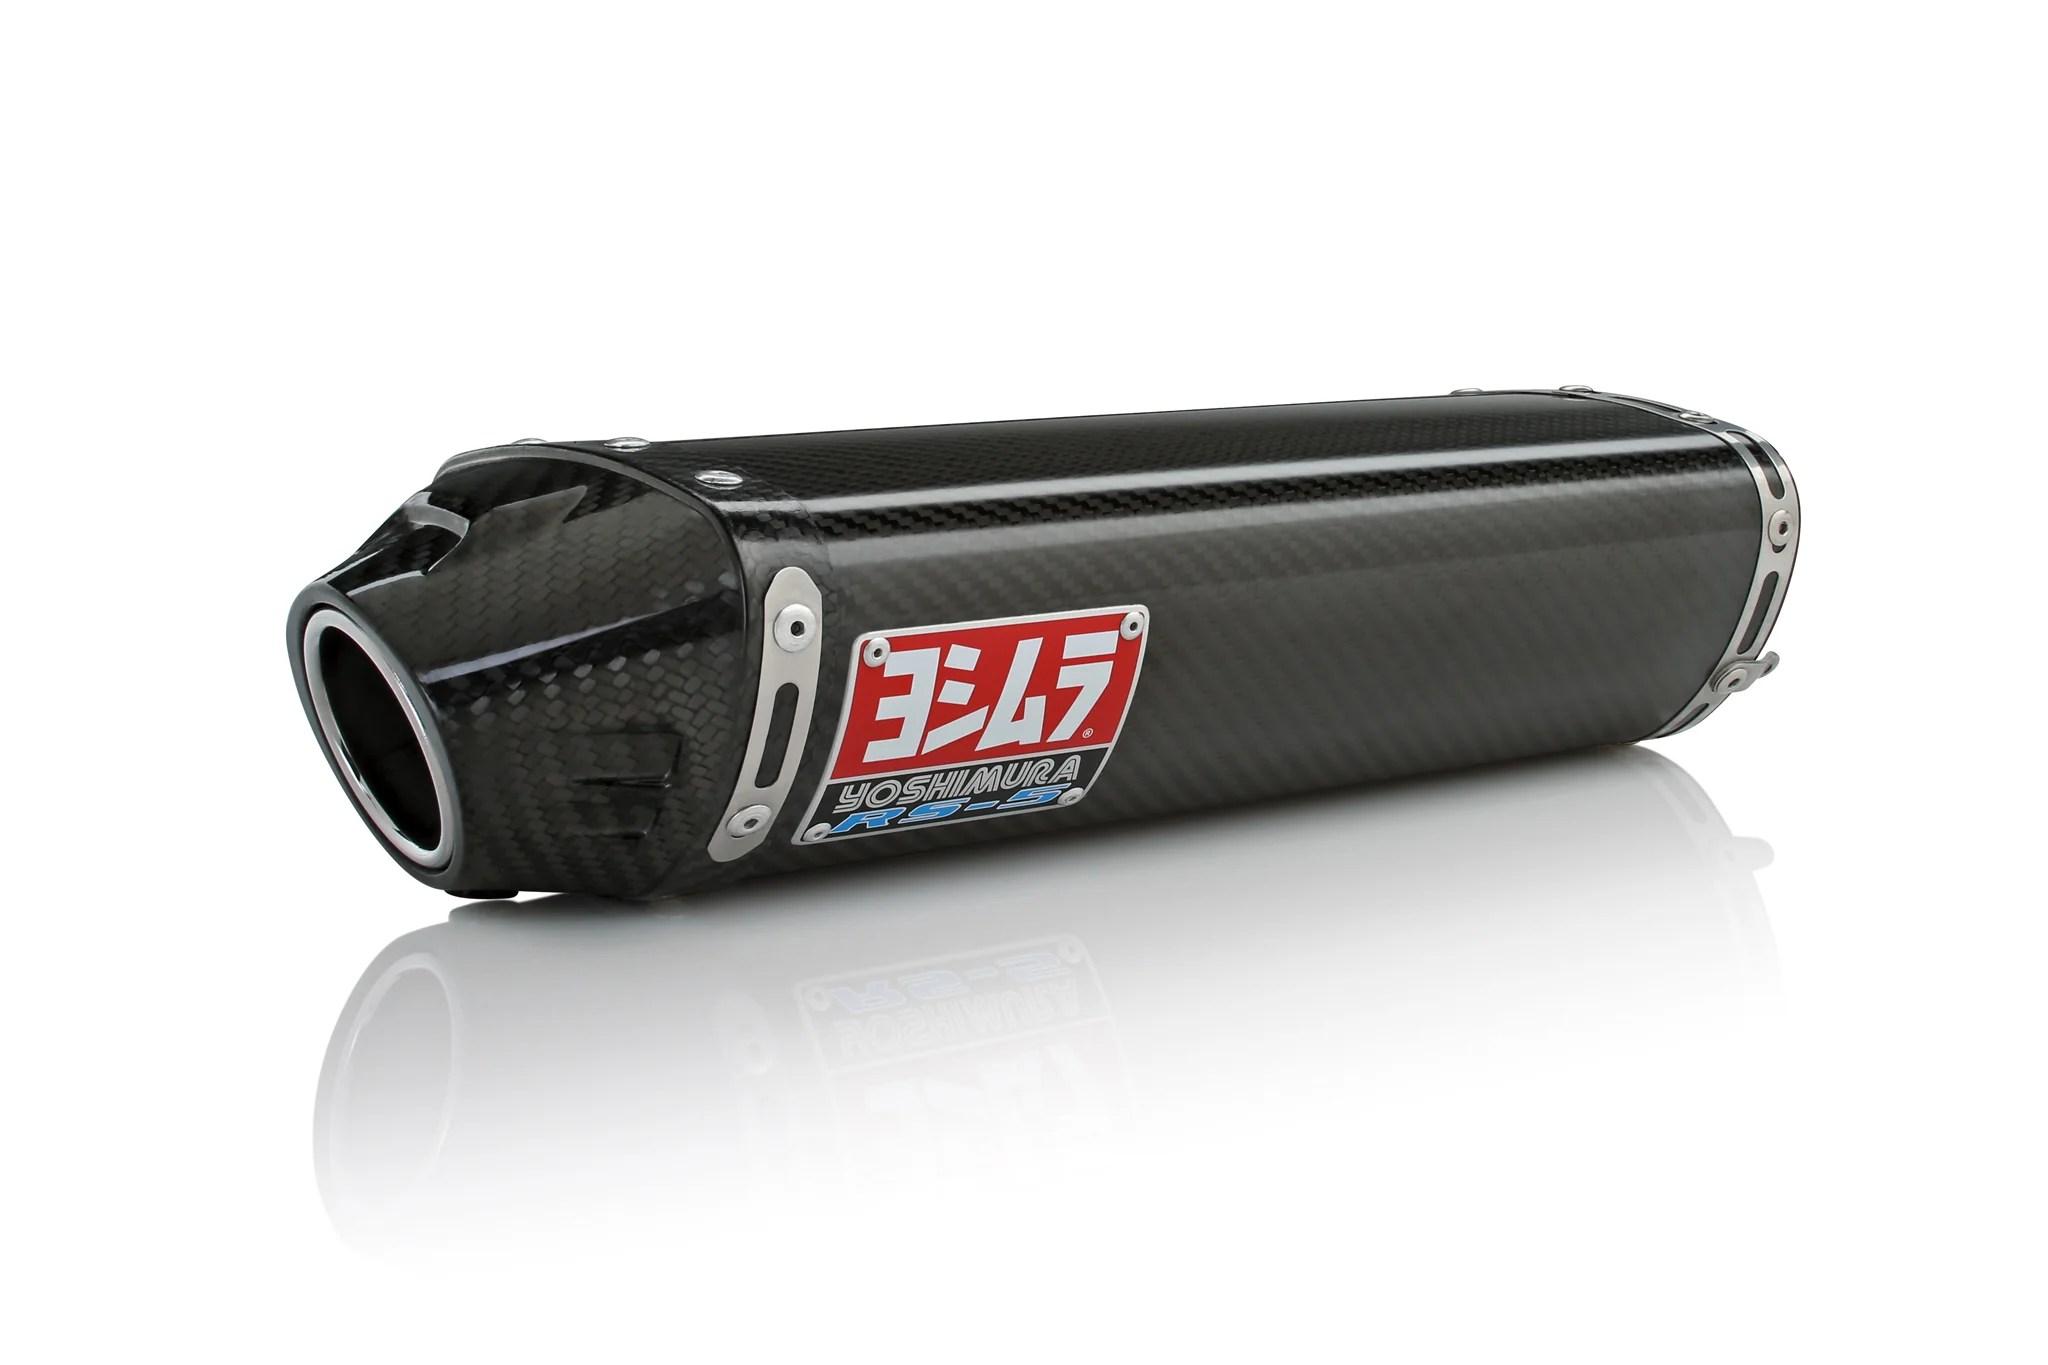 cbr600rr 05 06 rs 5 stainless slip on exhaust w carbon fiber muffler